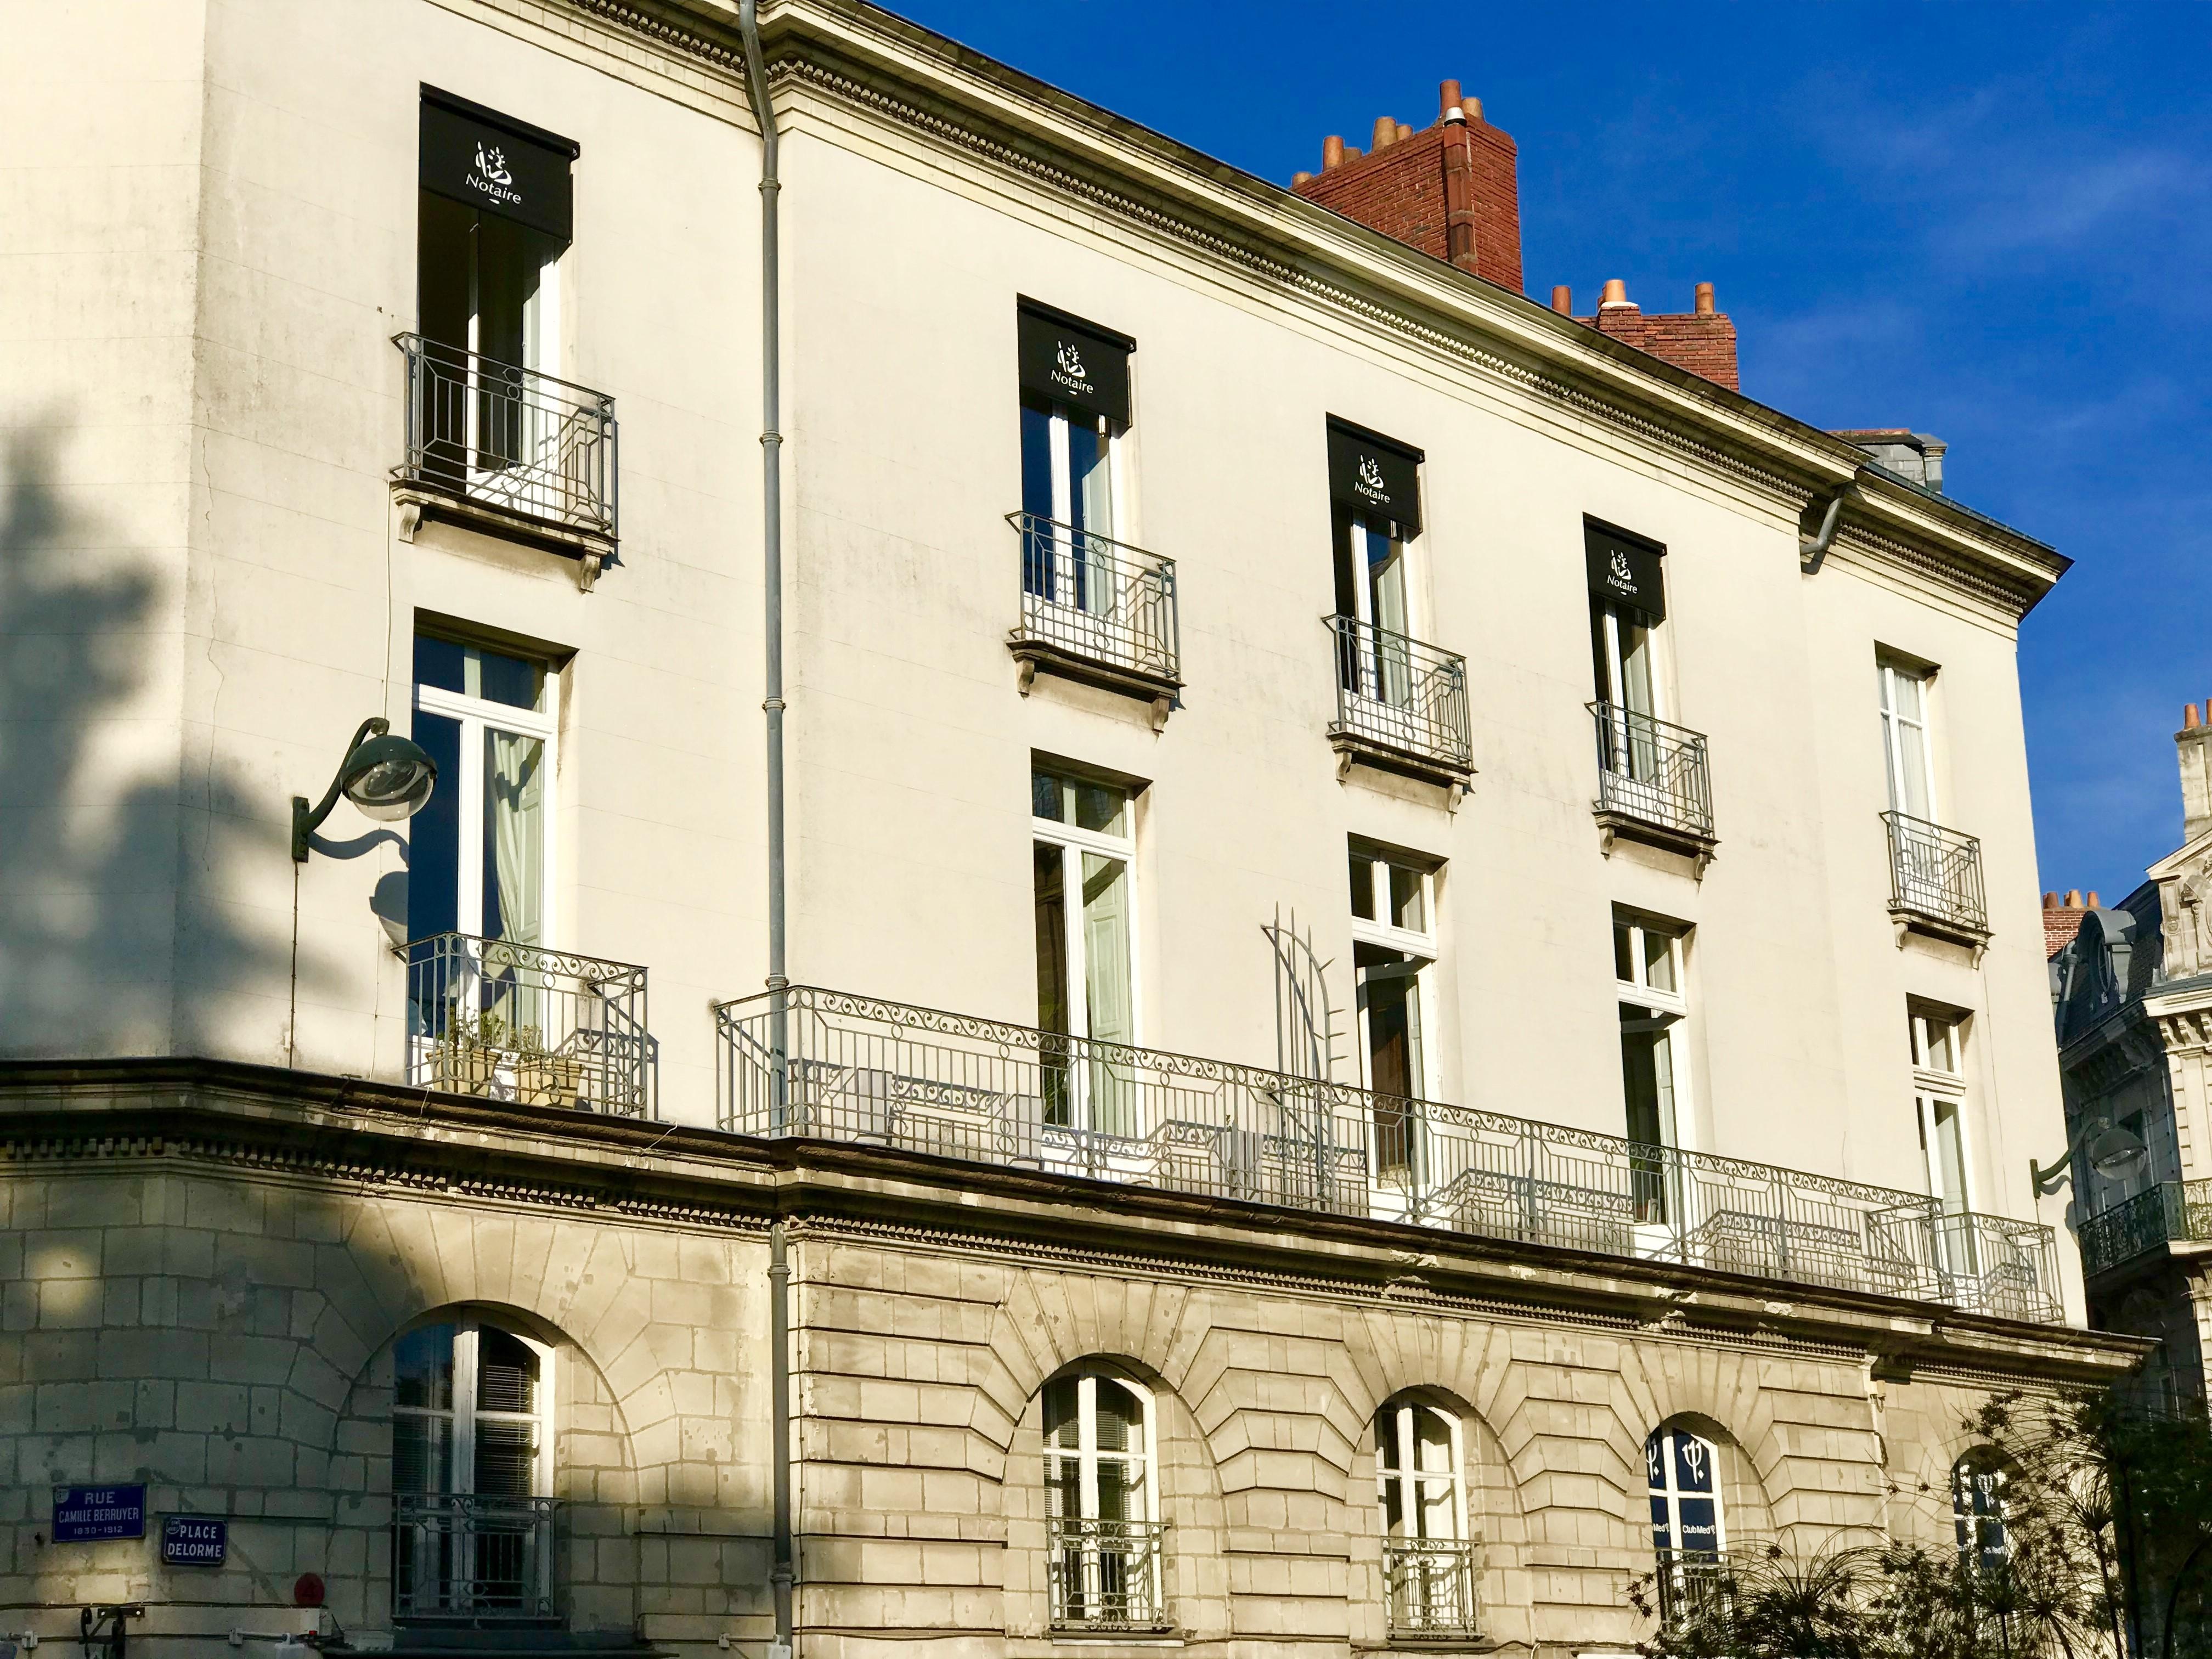 Façade de l'immeuble de l'étude de Me Romain MAGANA Notaire à Nantes